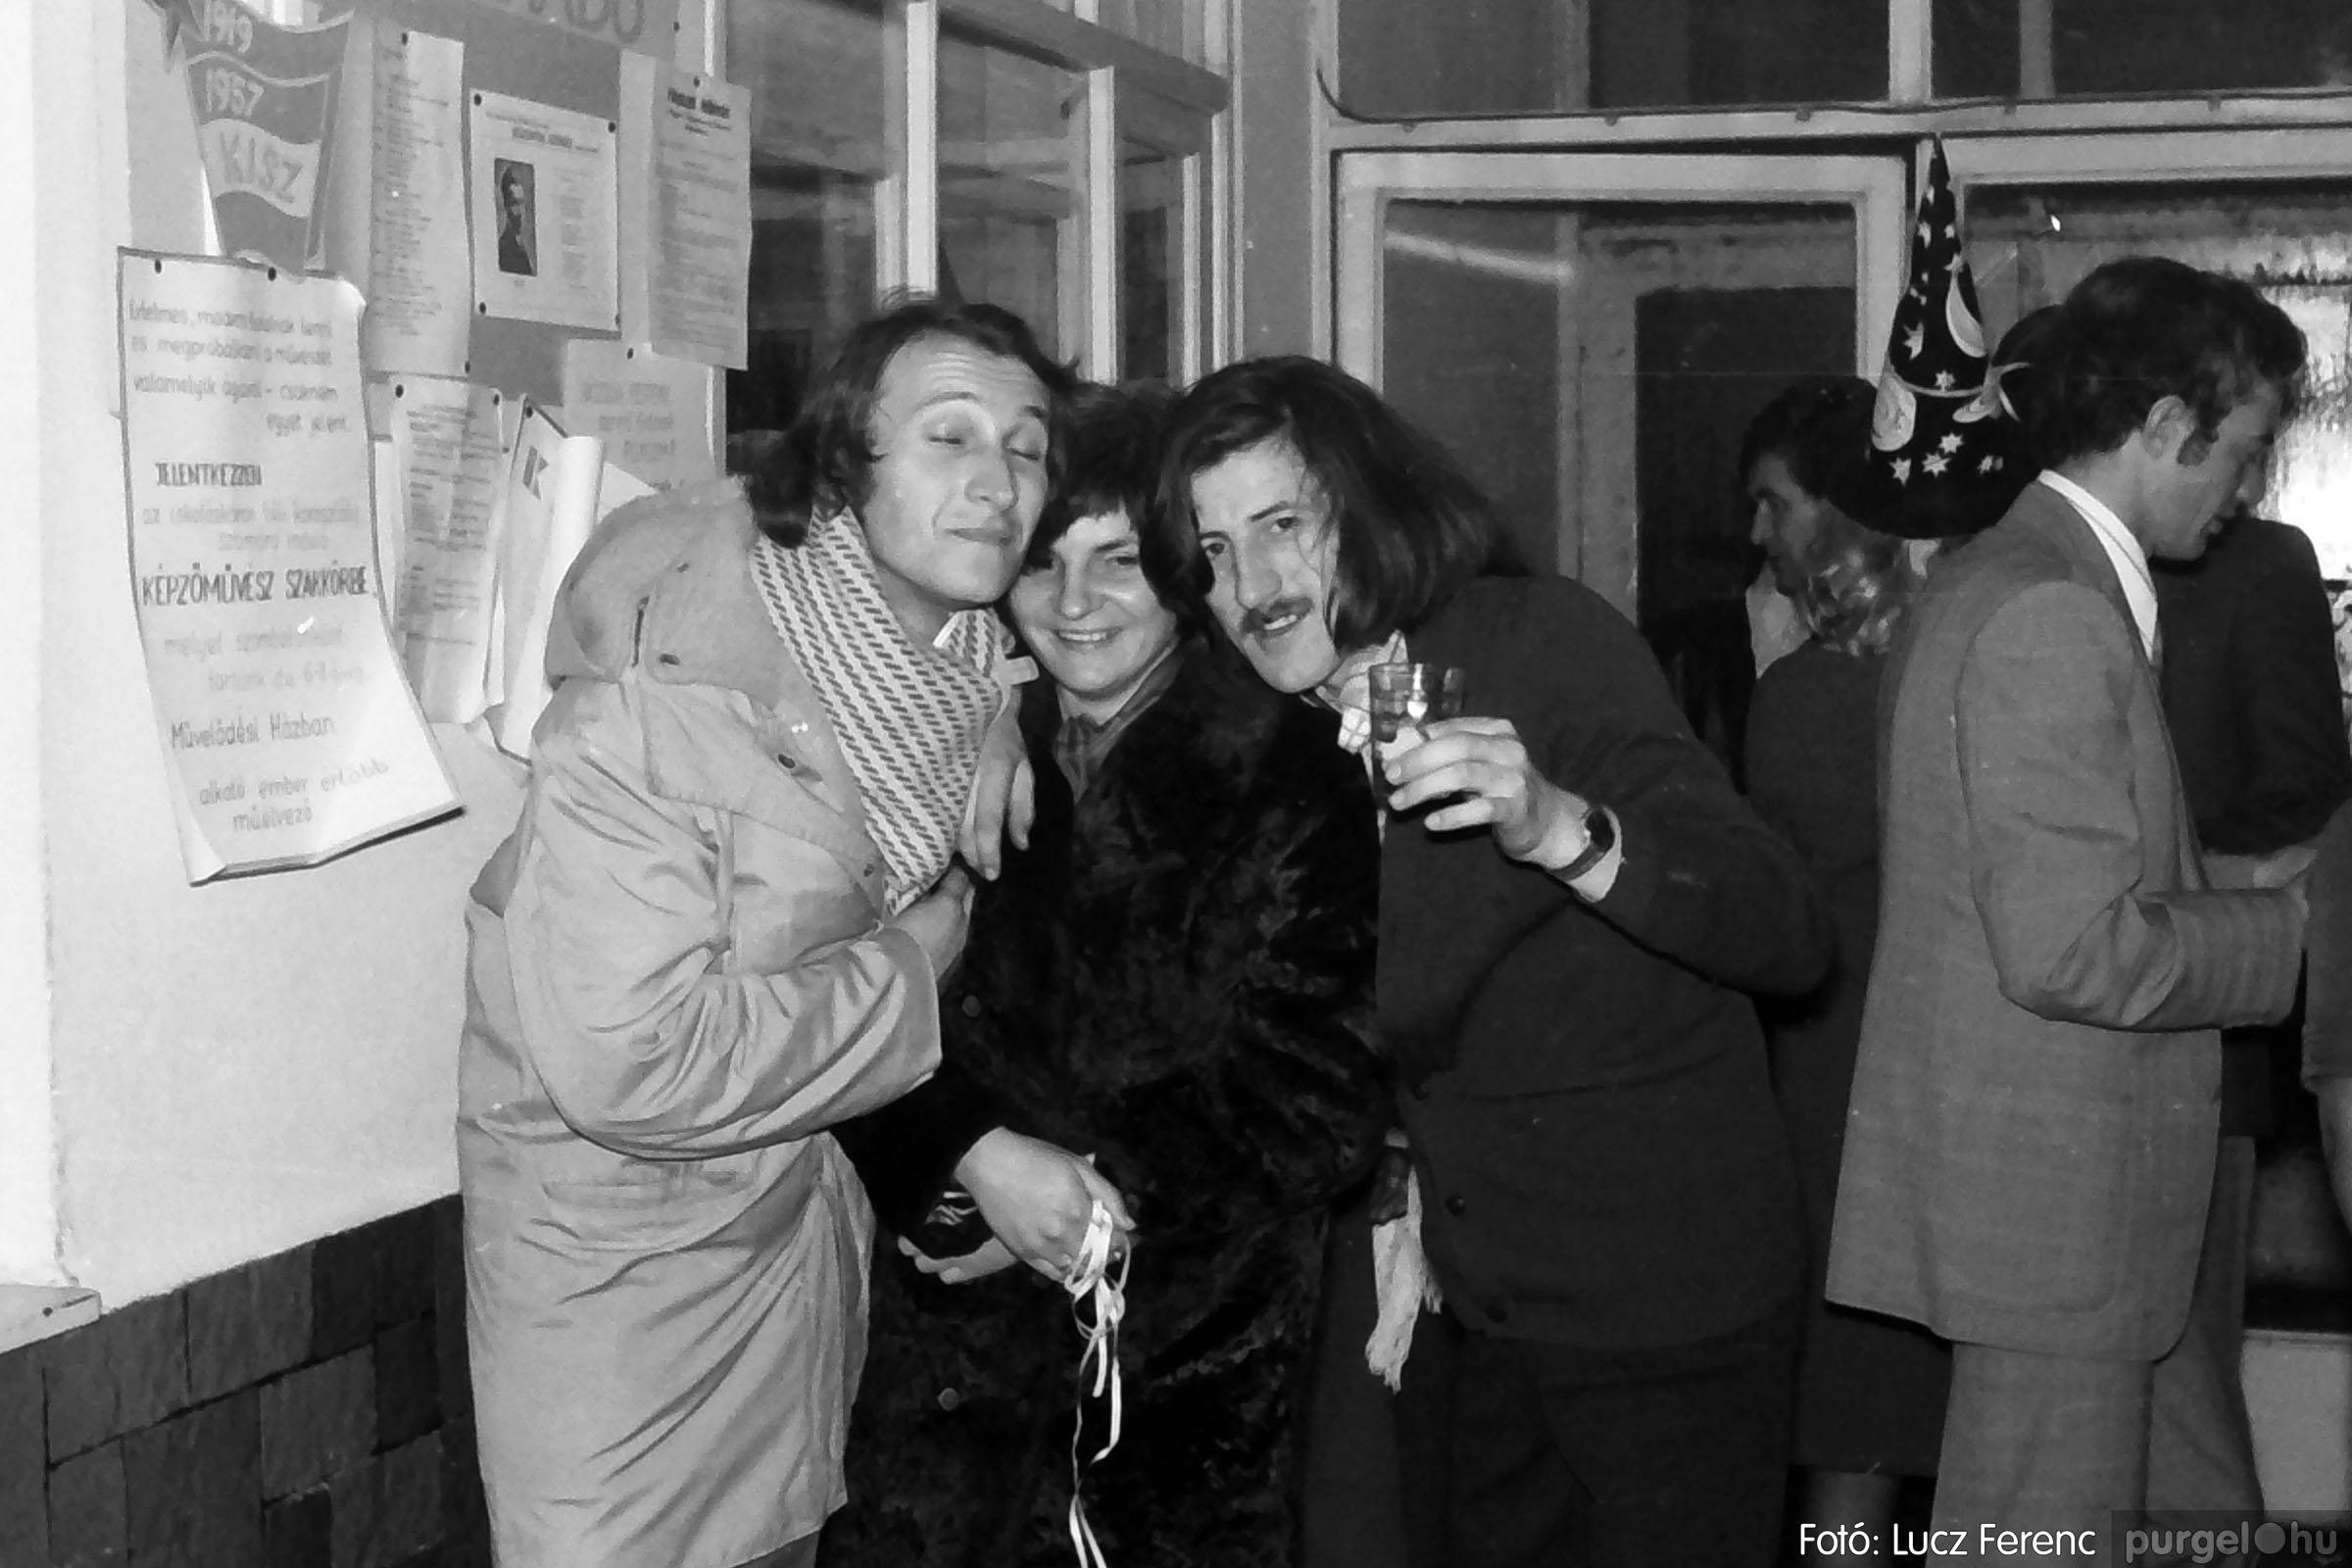 030. 1975.12.31. Szilveszter a kultúrházban 016 - Fotó: Lucz Ferenc.jpg